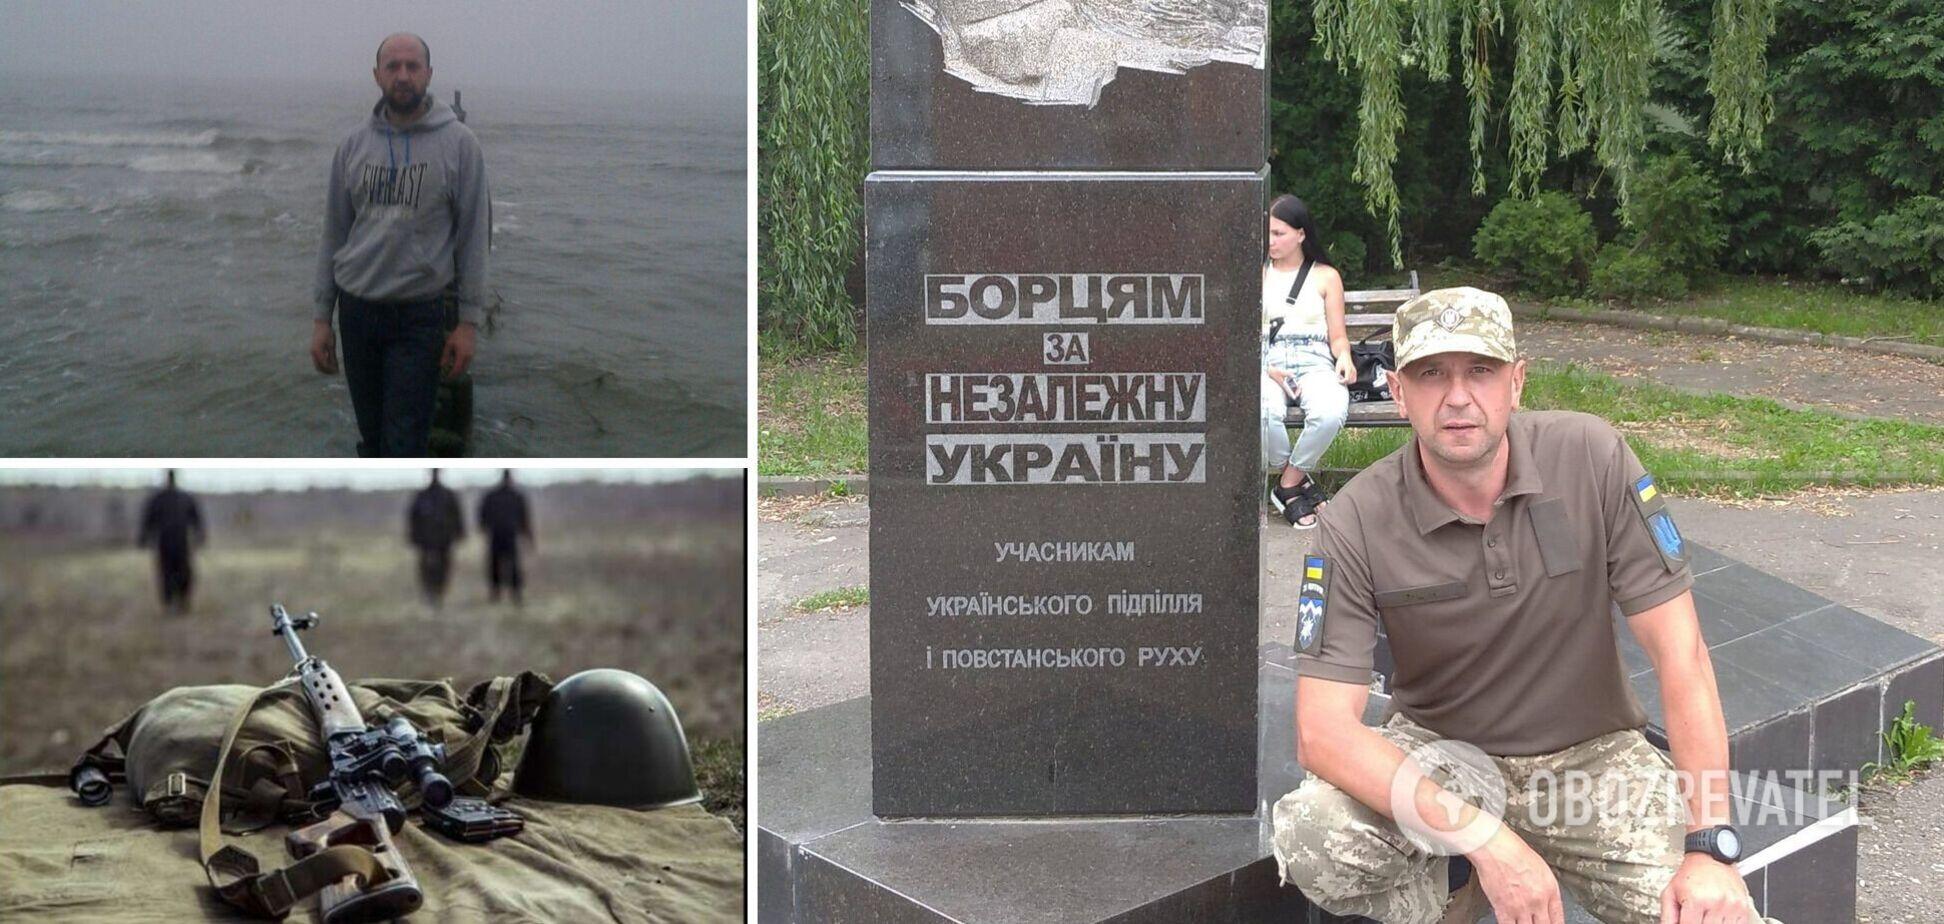 Работал в Польше, а на войну позвал друг: подробности о погибшем на Донбассе жителе Волыни